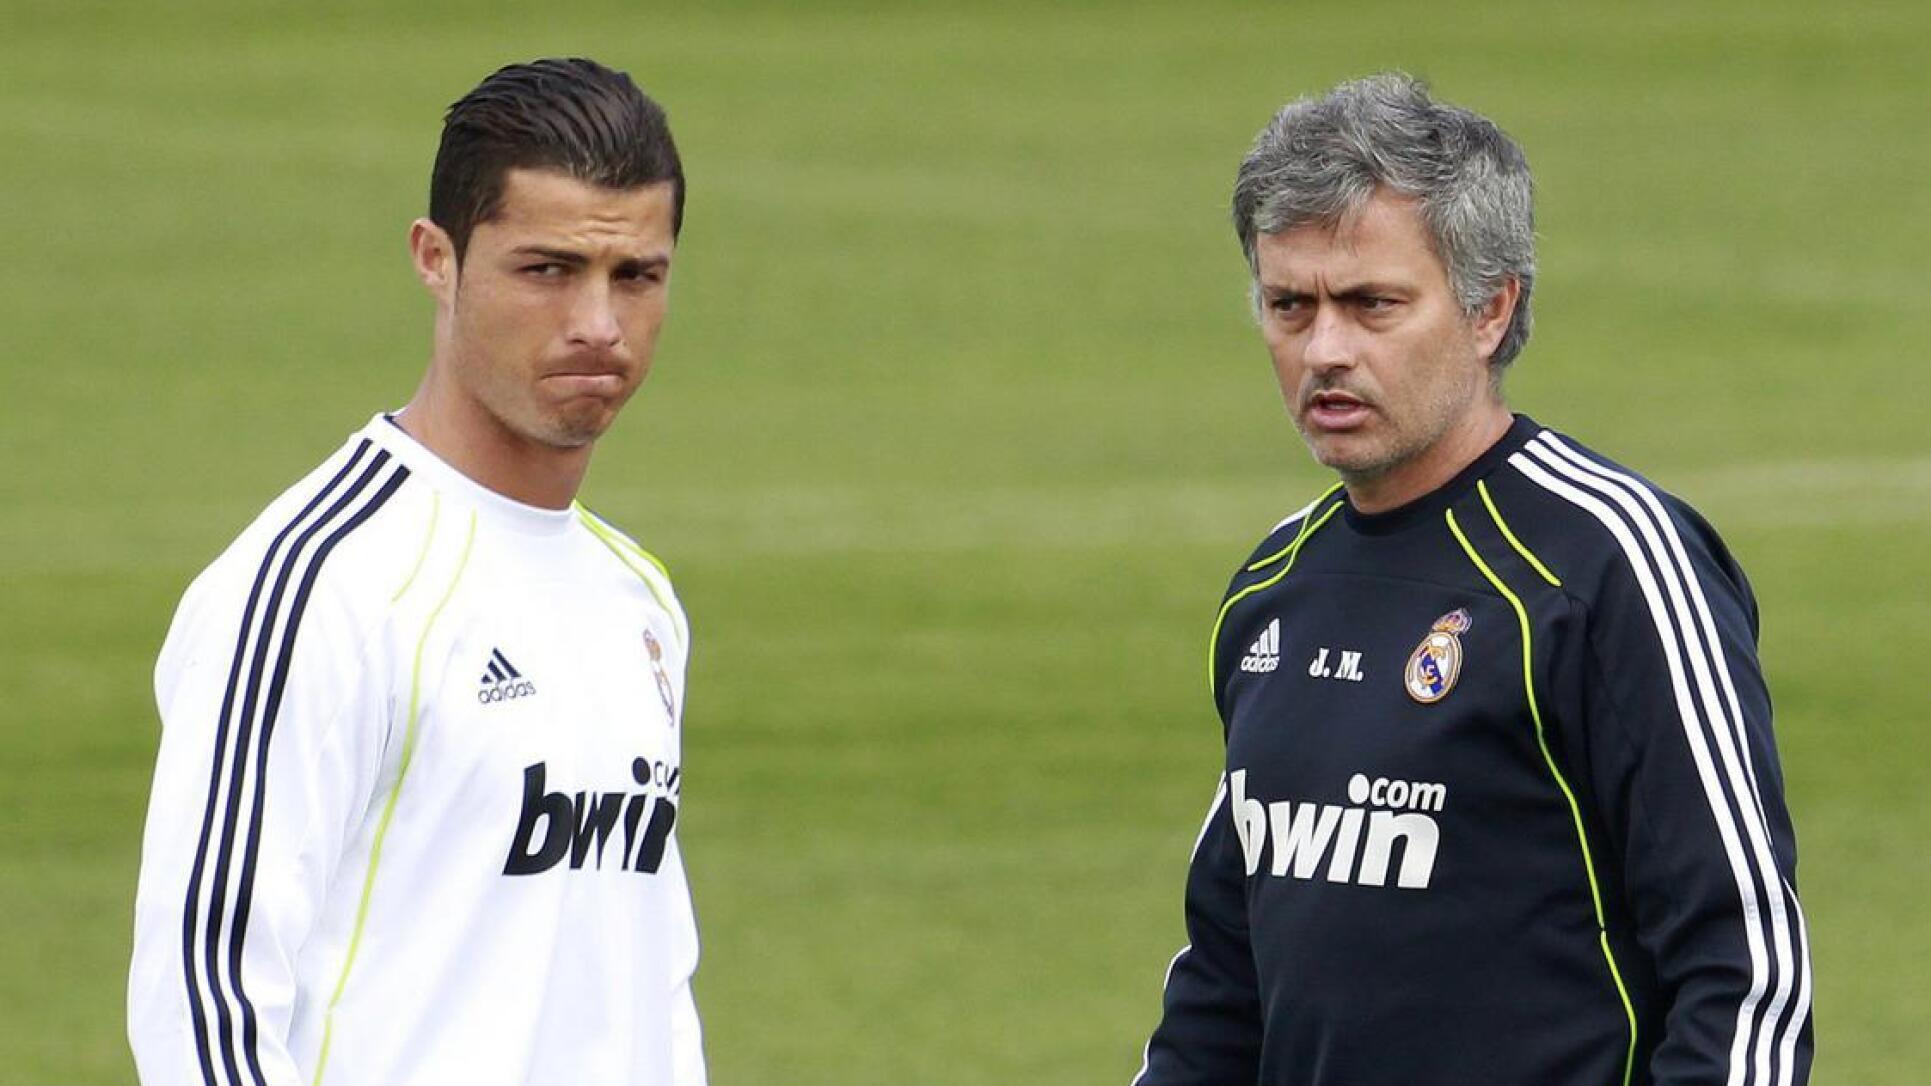 Former Real Madrid coach Jose Mourinho walks next to former star Cristiano Ronaldo